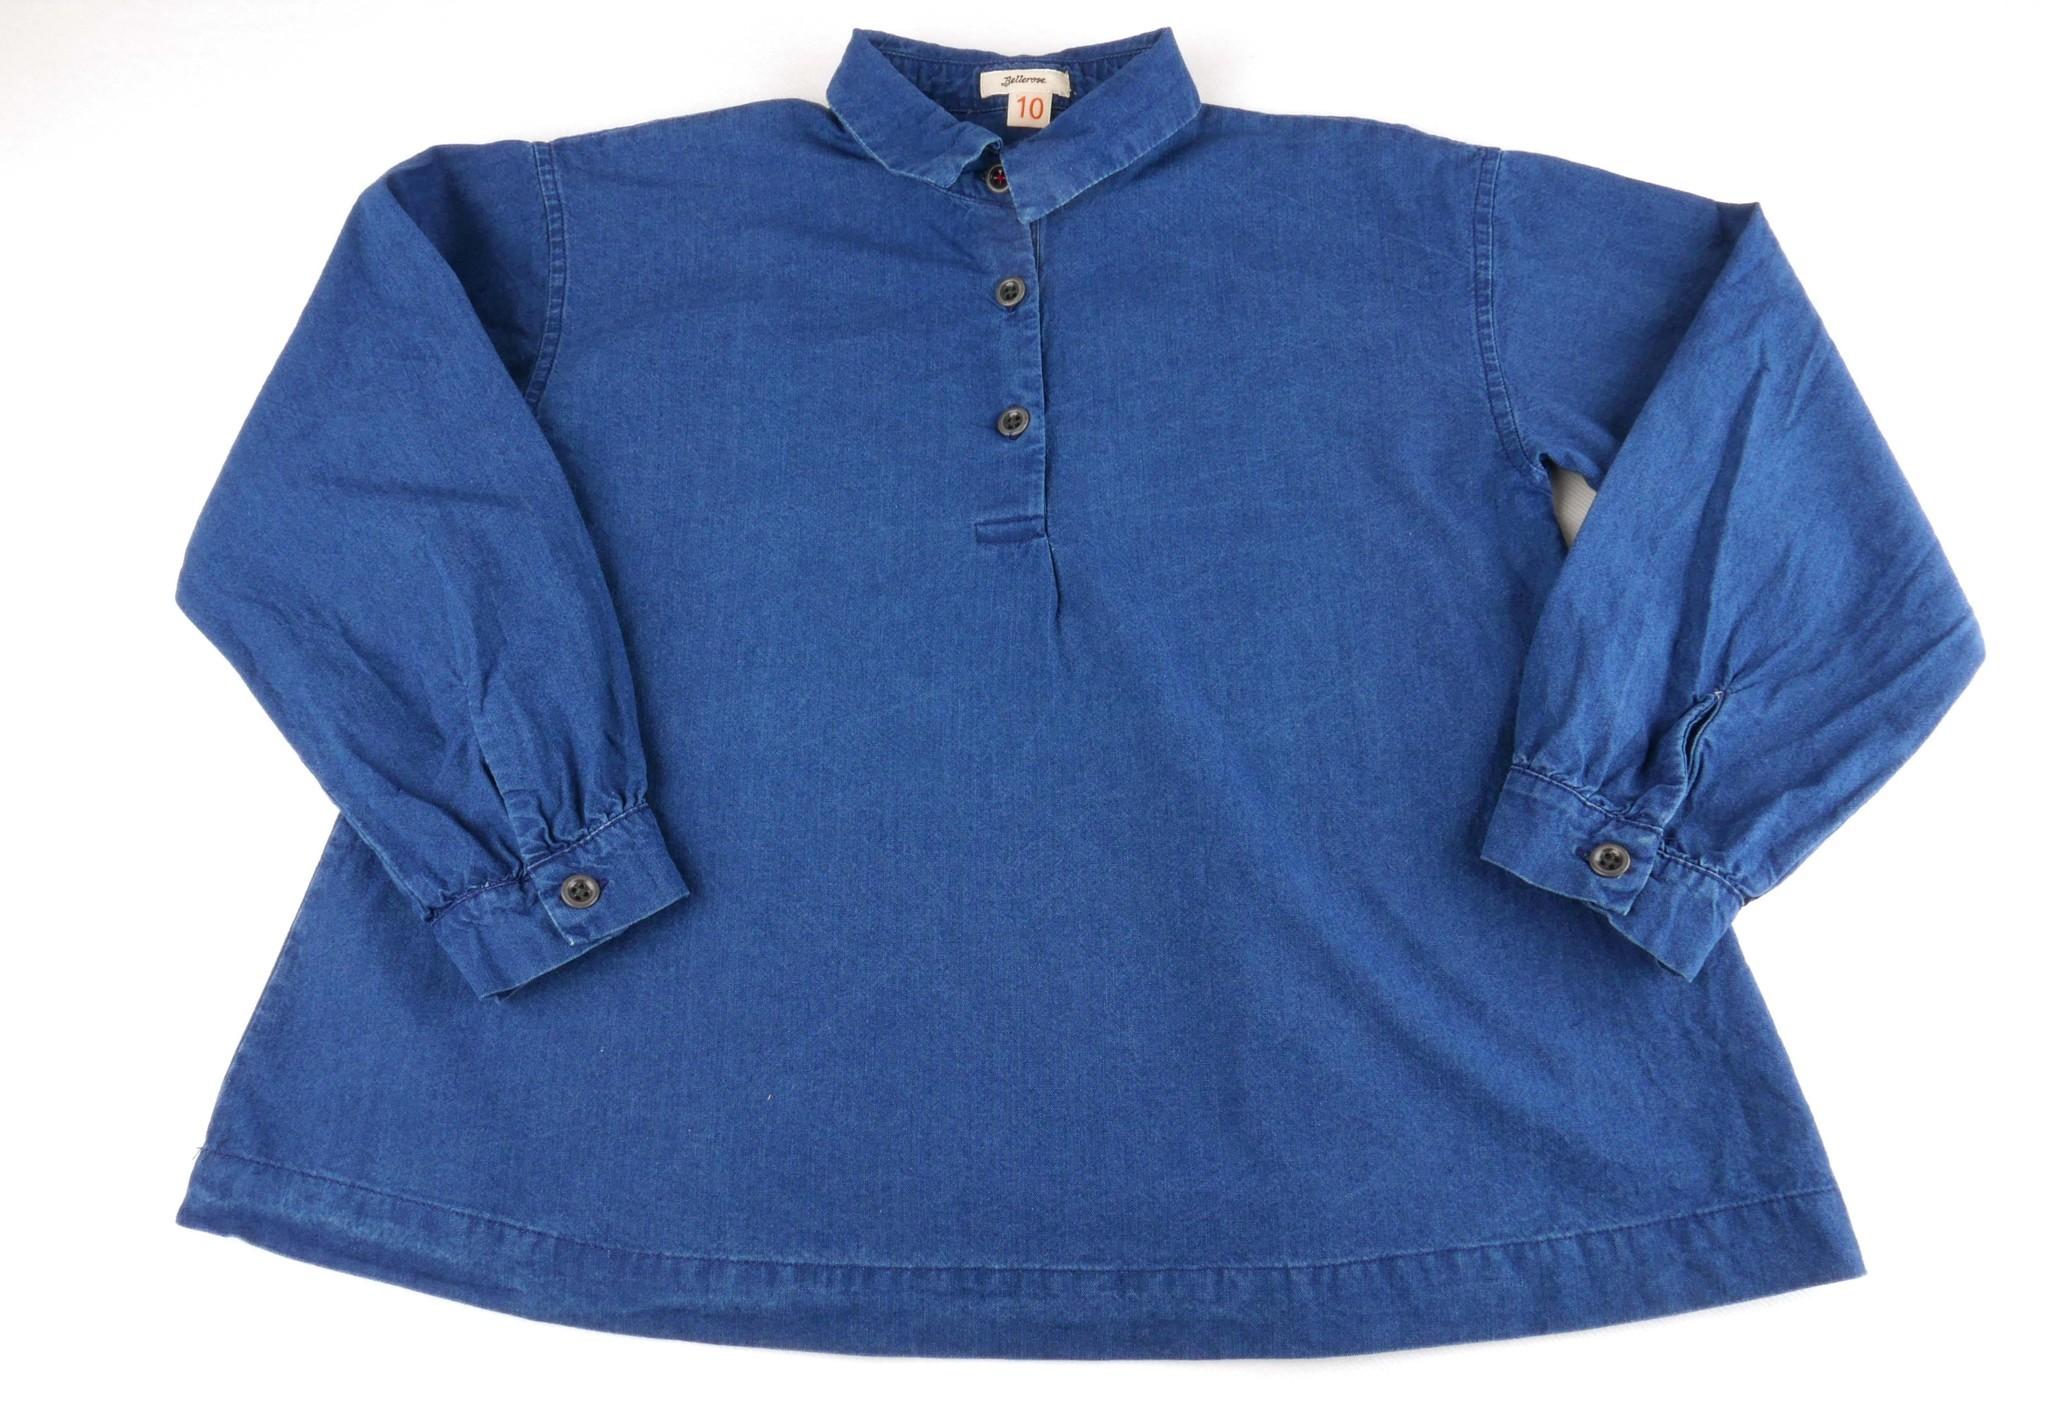 Jeans hemdje Bellerose-1